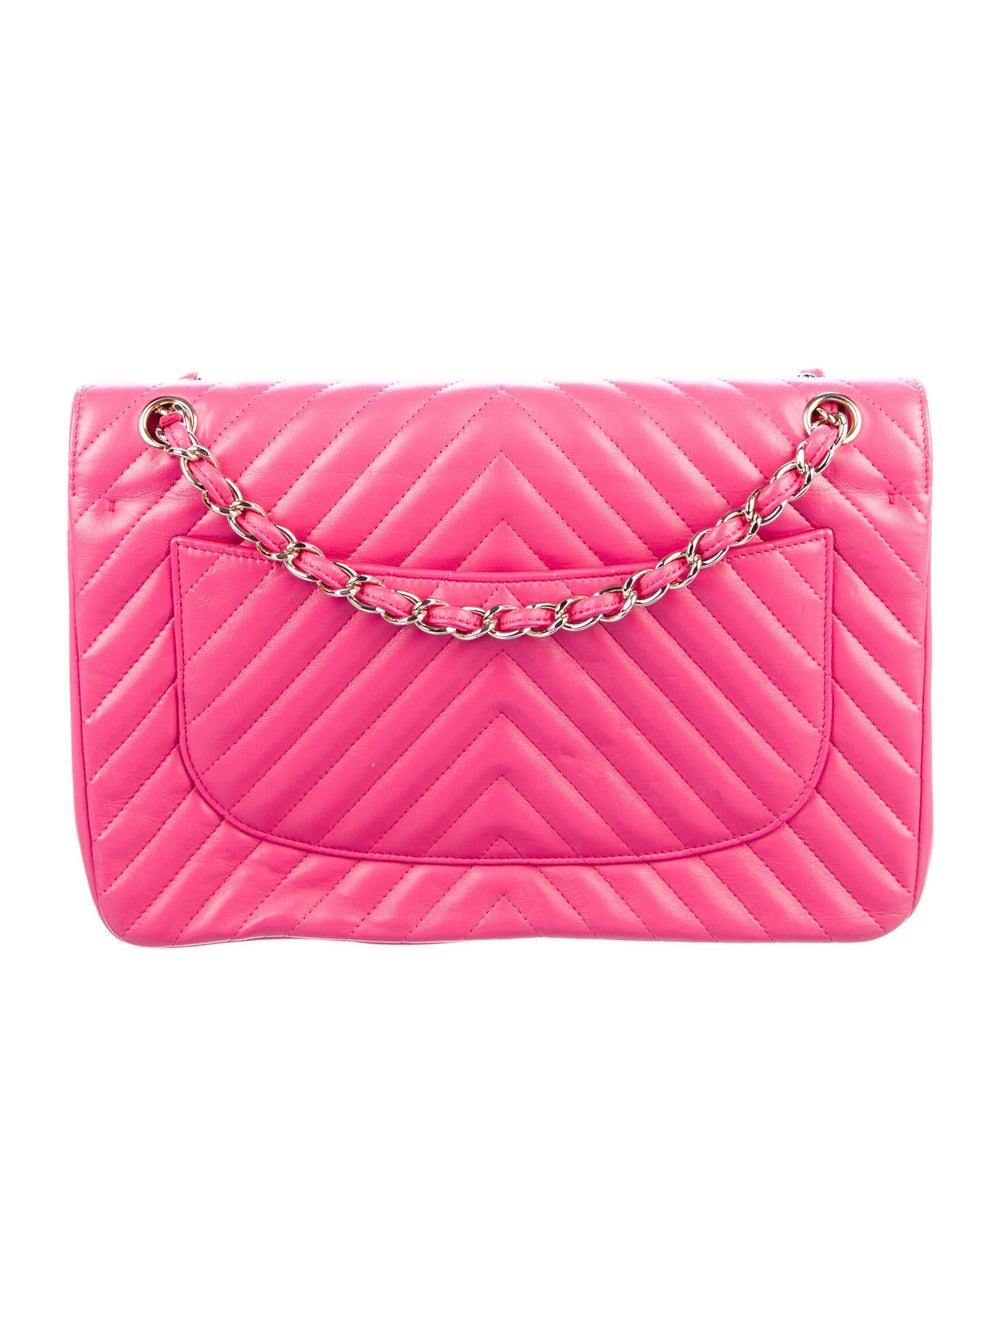 Chanel Jumbo Chevron Double Flap Bag Pink - image 4